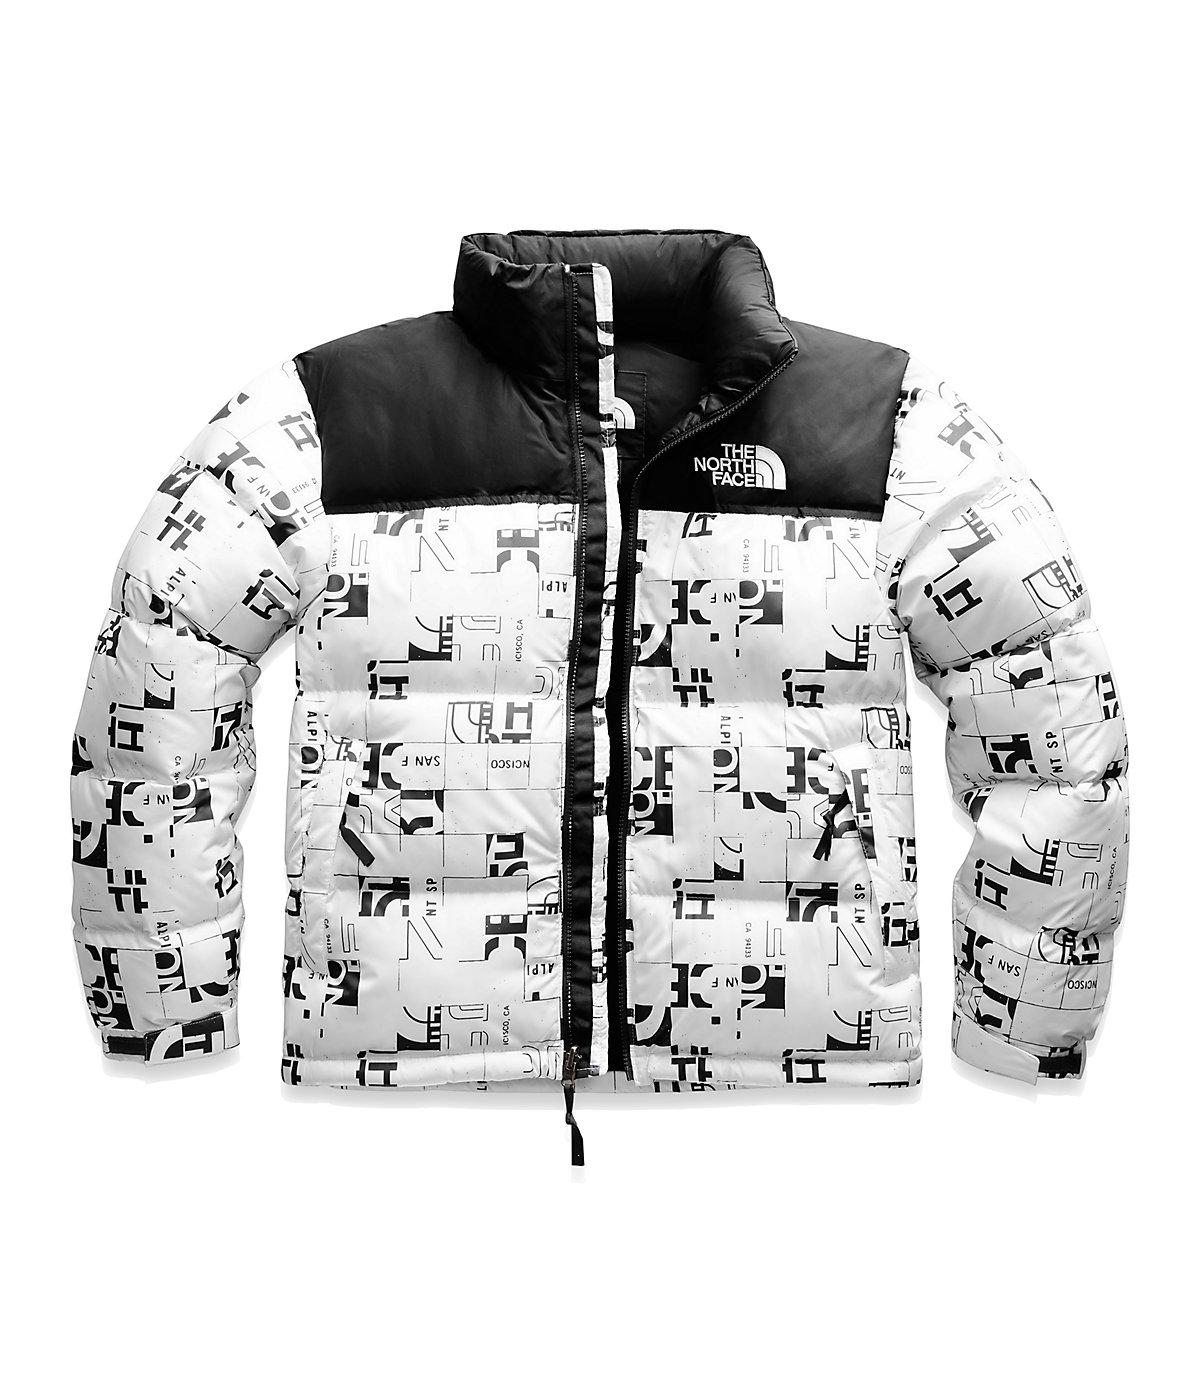 Men S 1996 Retro Nuptse Jacket The North Face In 2021 Retro Nuptse Jacket 1996 Retro Nuptse Jacket Nuptse Jacket [ 1396 x 1200 Pixel ]